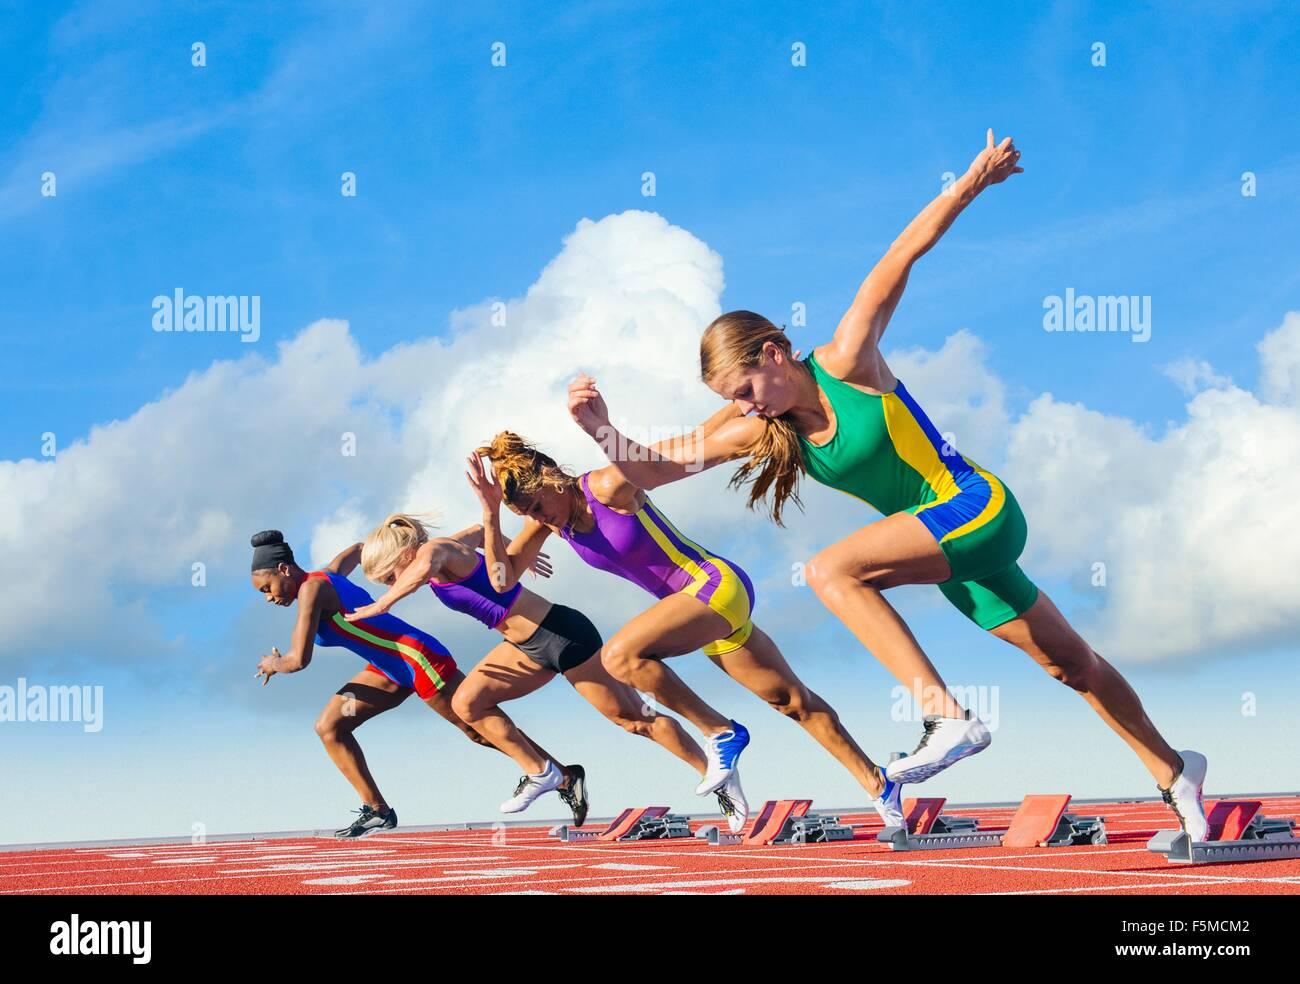 Quattro atlete sulla pista di atletica, gara di partenza Immagini Stock